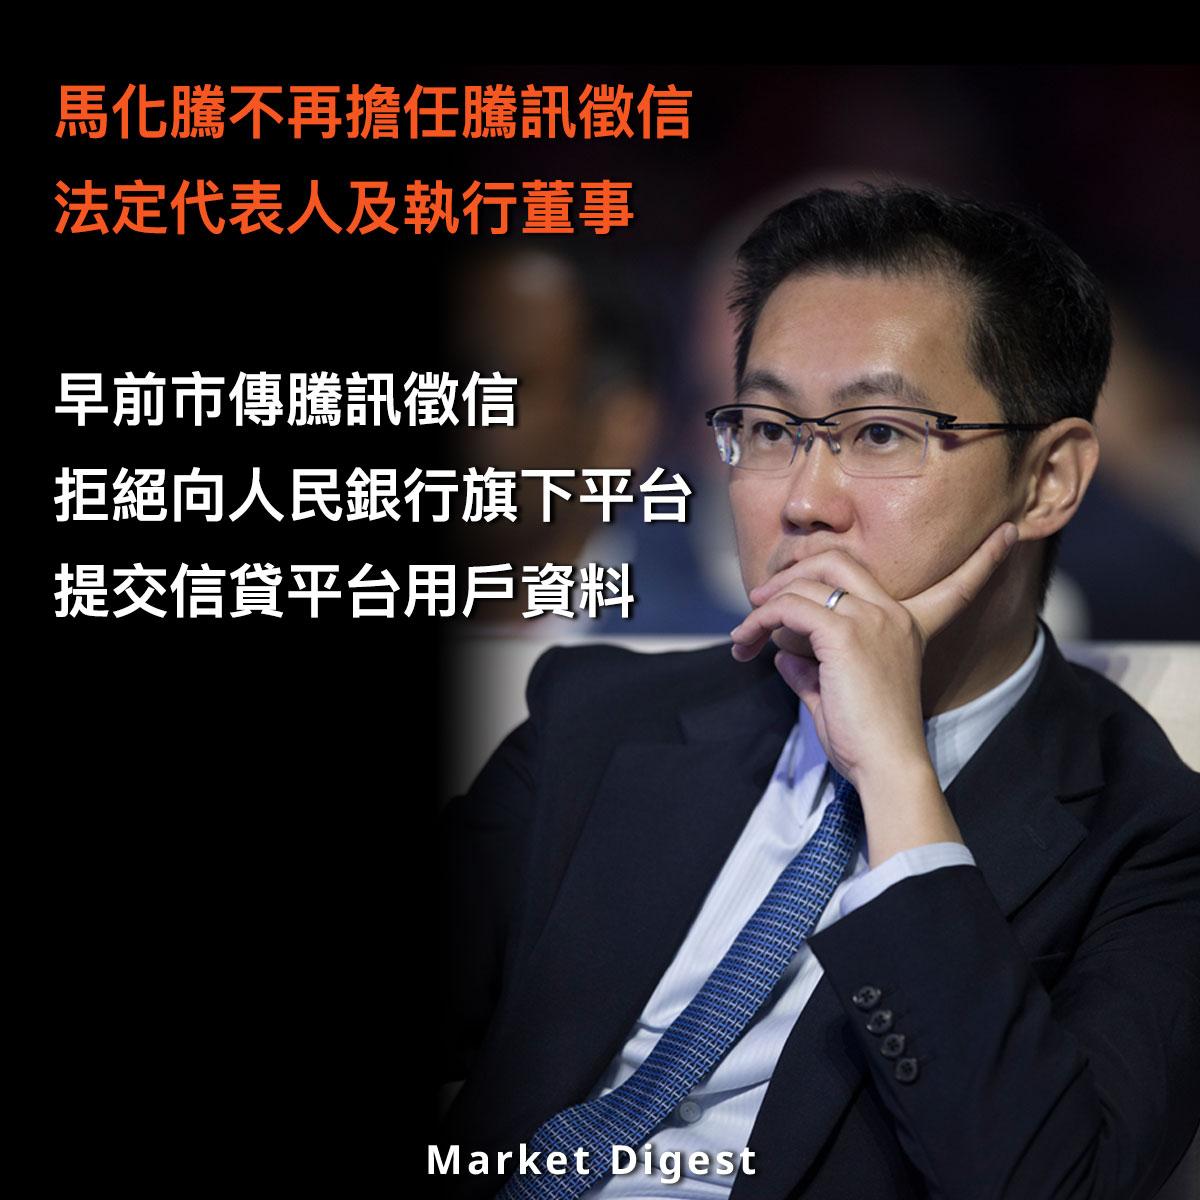 【市場熱話】馬化騰不再擔任騰訊徵信法定代表人及執行董事